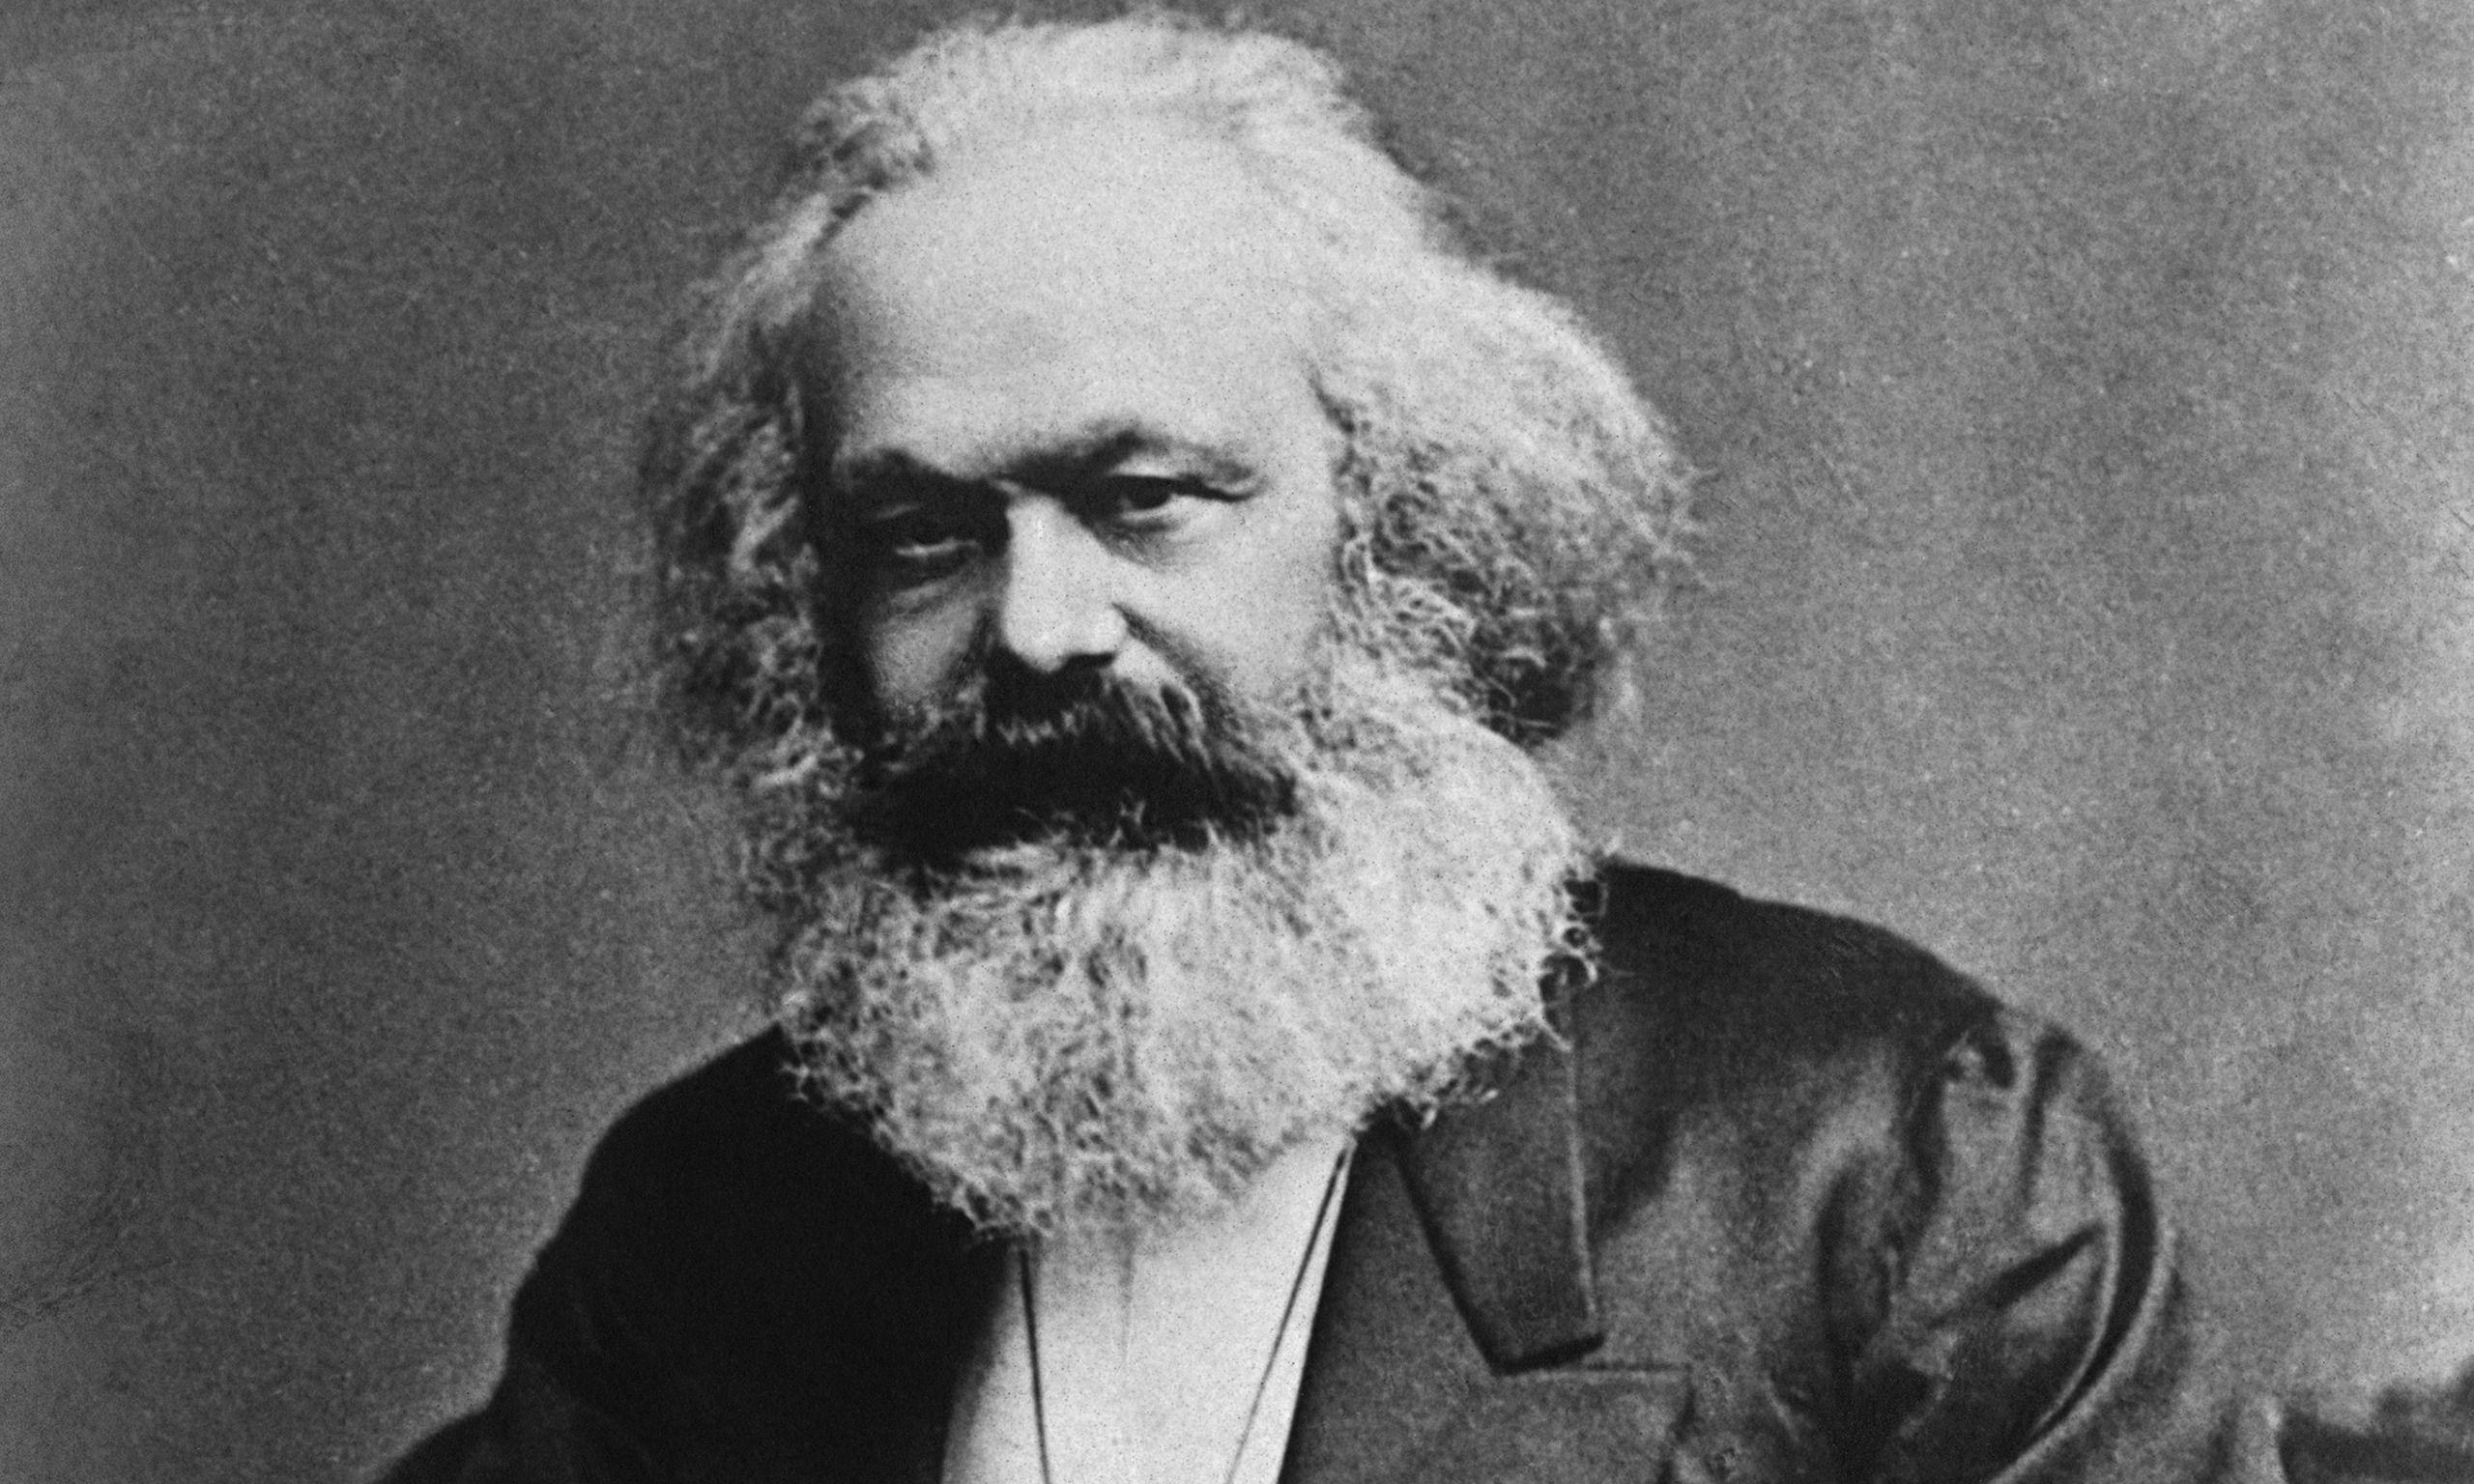 ¿Qué nombre recibió la teoría marxista?